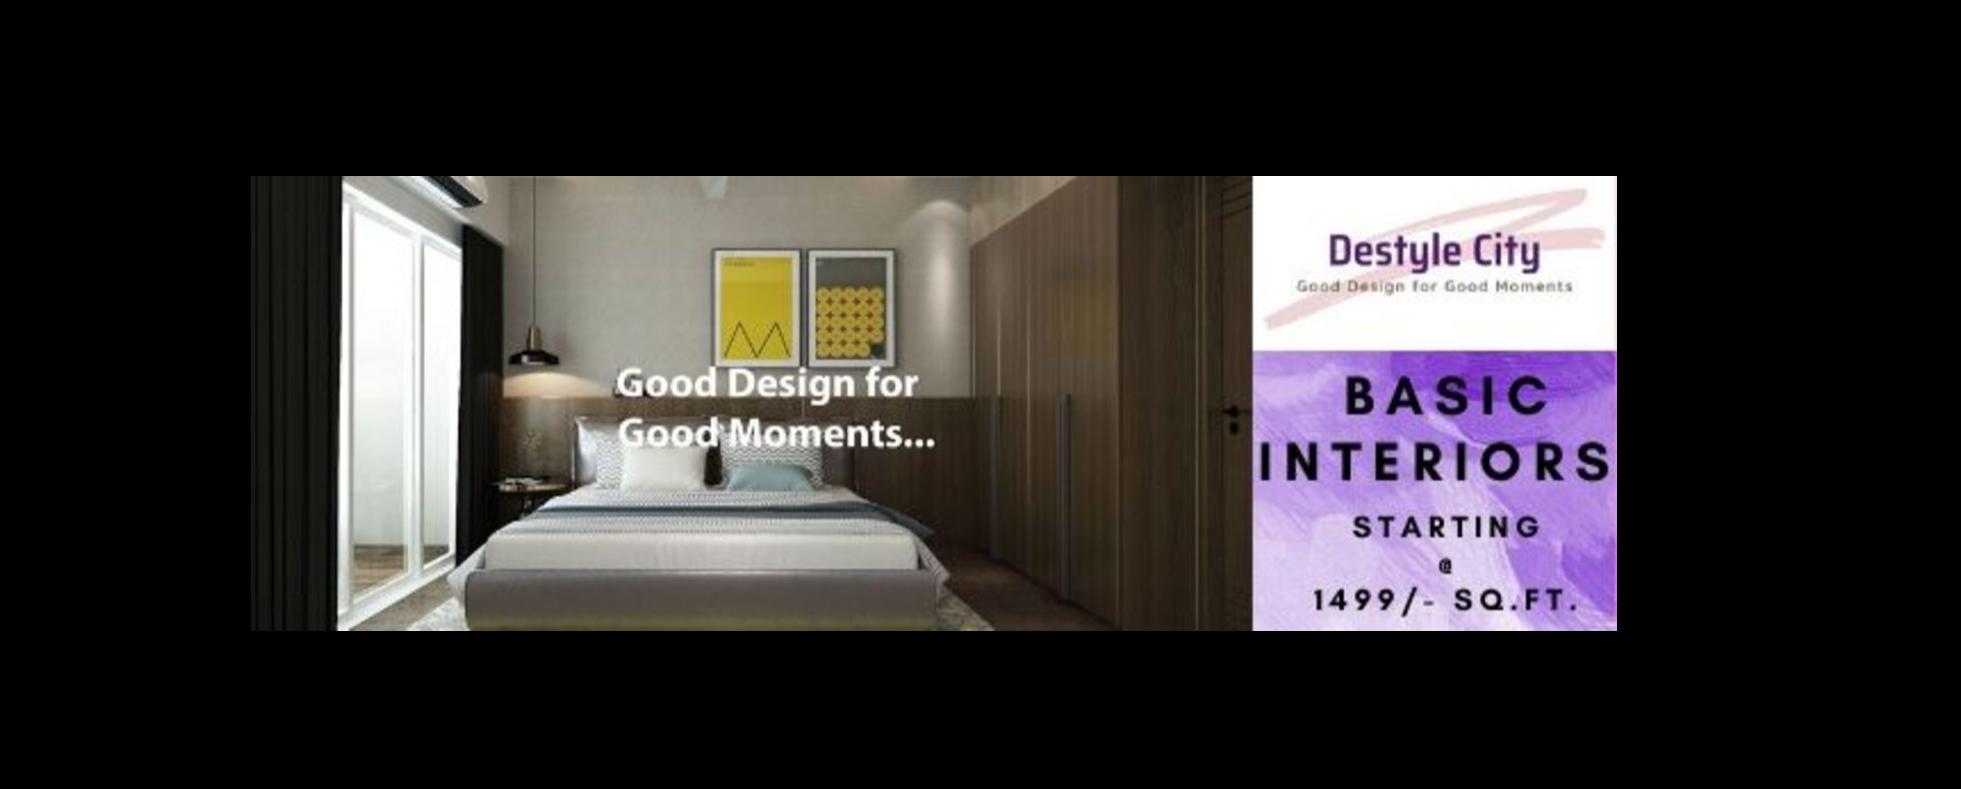 DeStyle City - Interior Designer in Malad, Mumbai